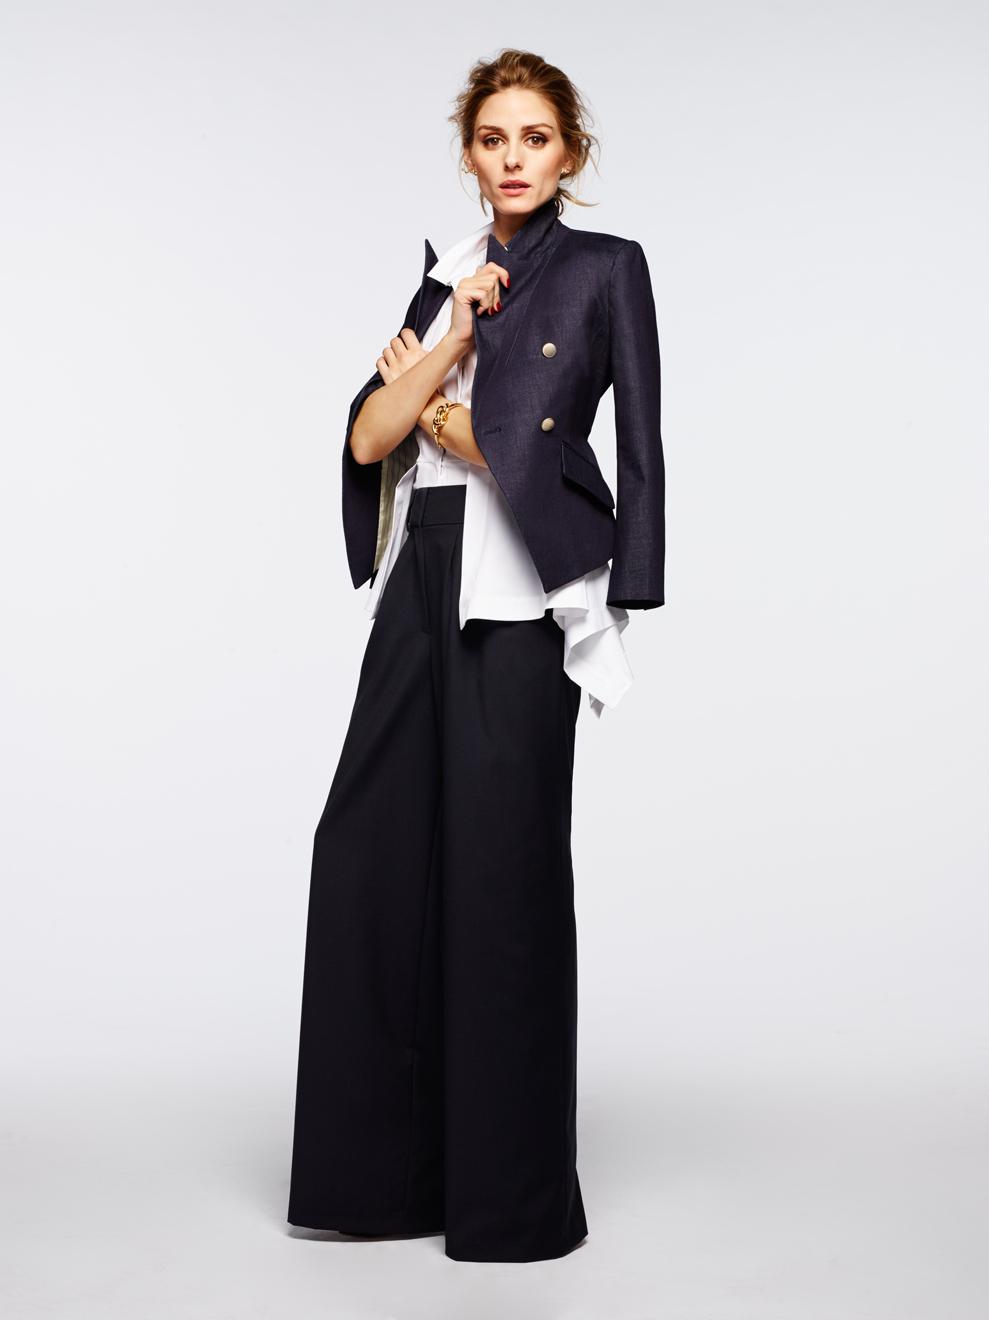 Olivia-Palermo with blazer